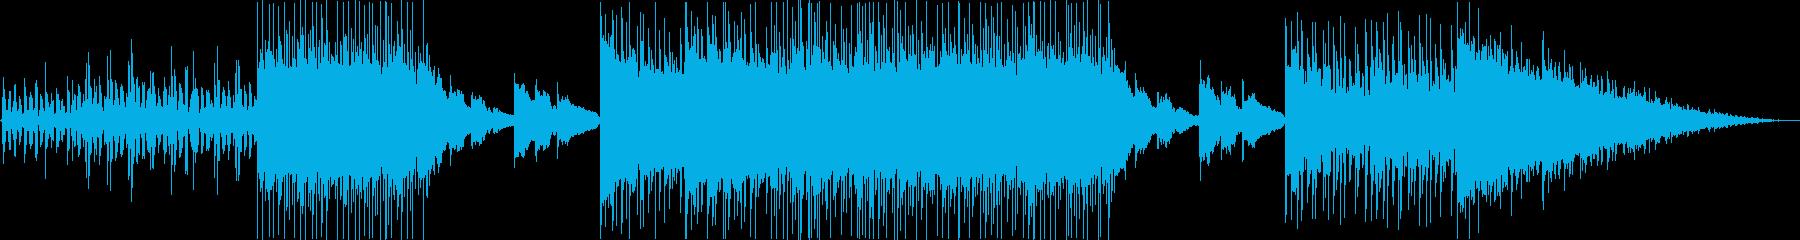 クールでミステリアスなエレクトロニカの再生済みの波形